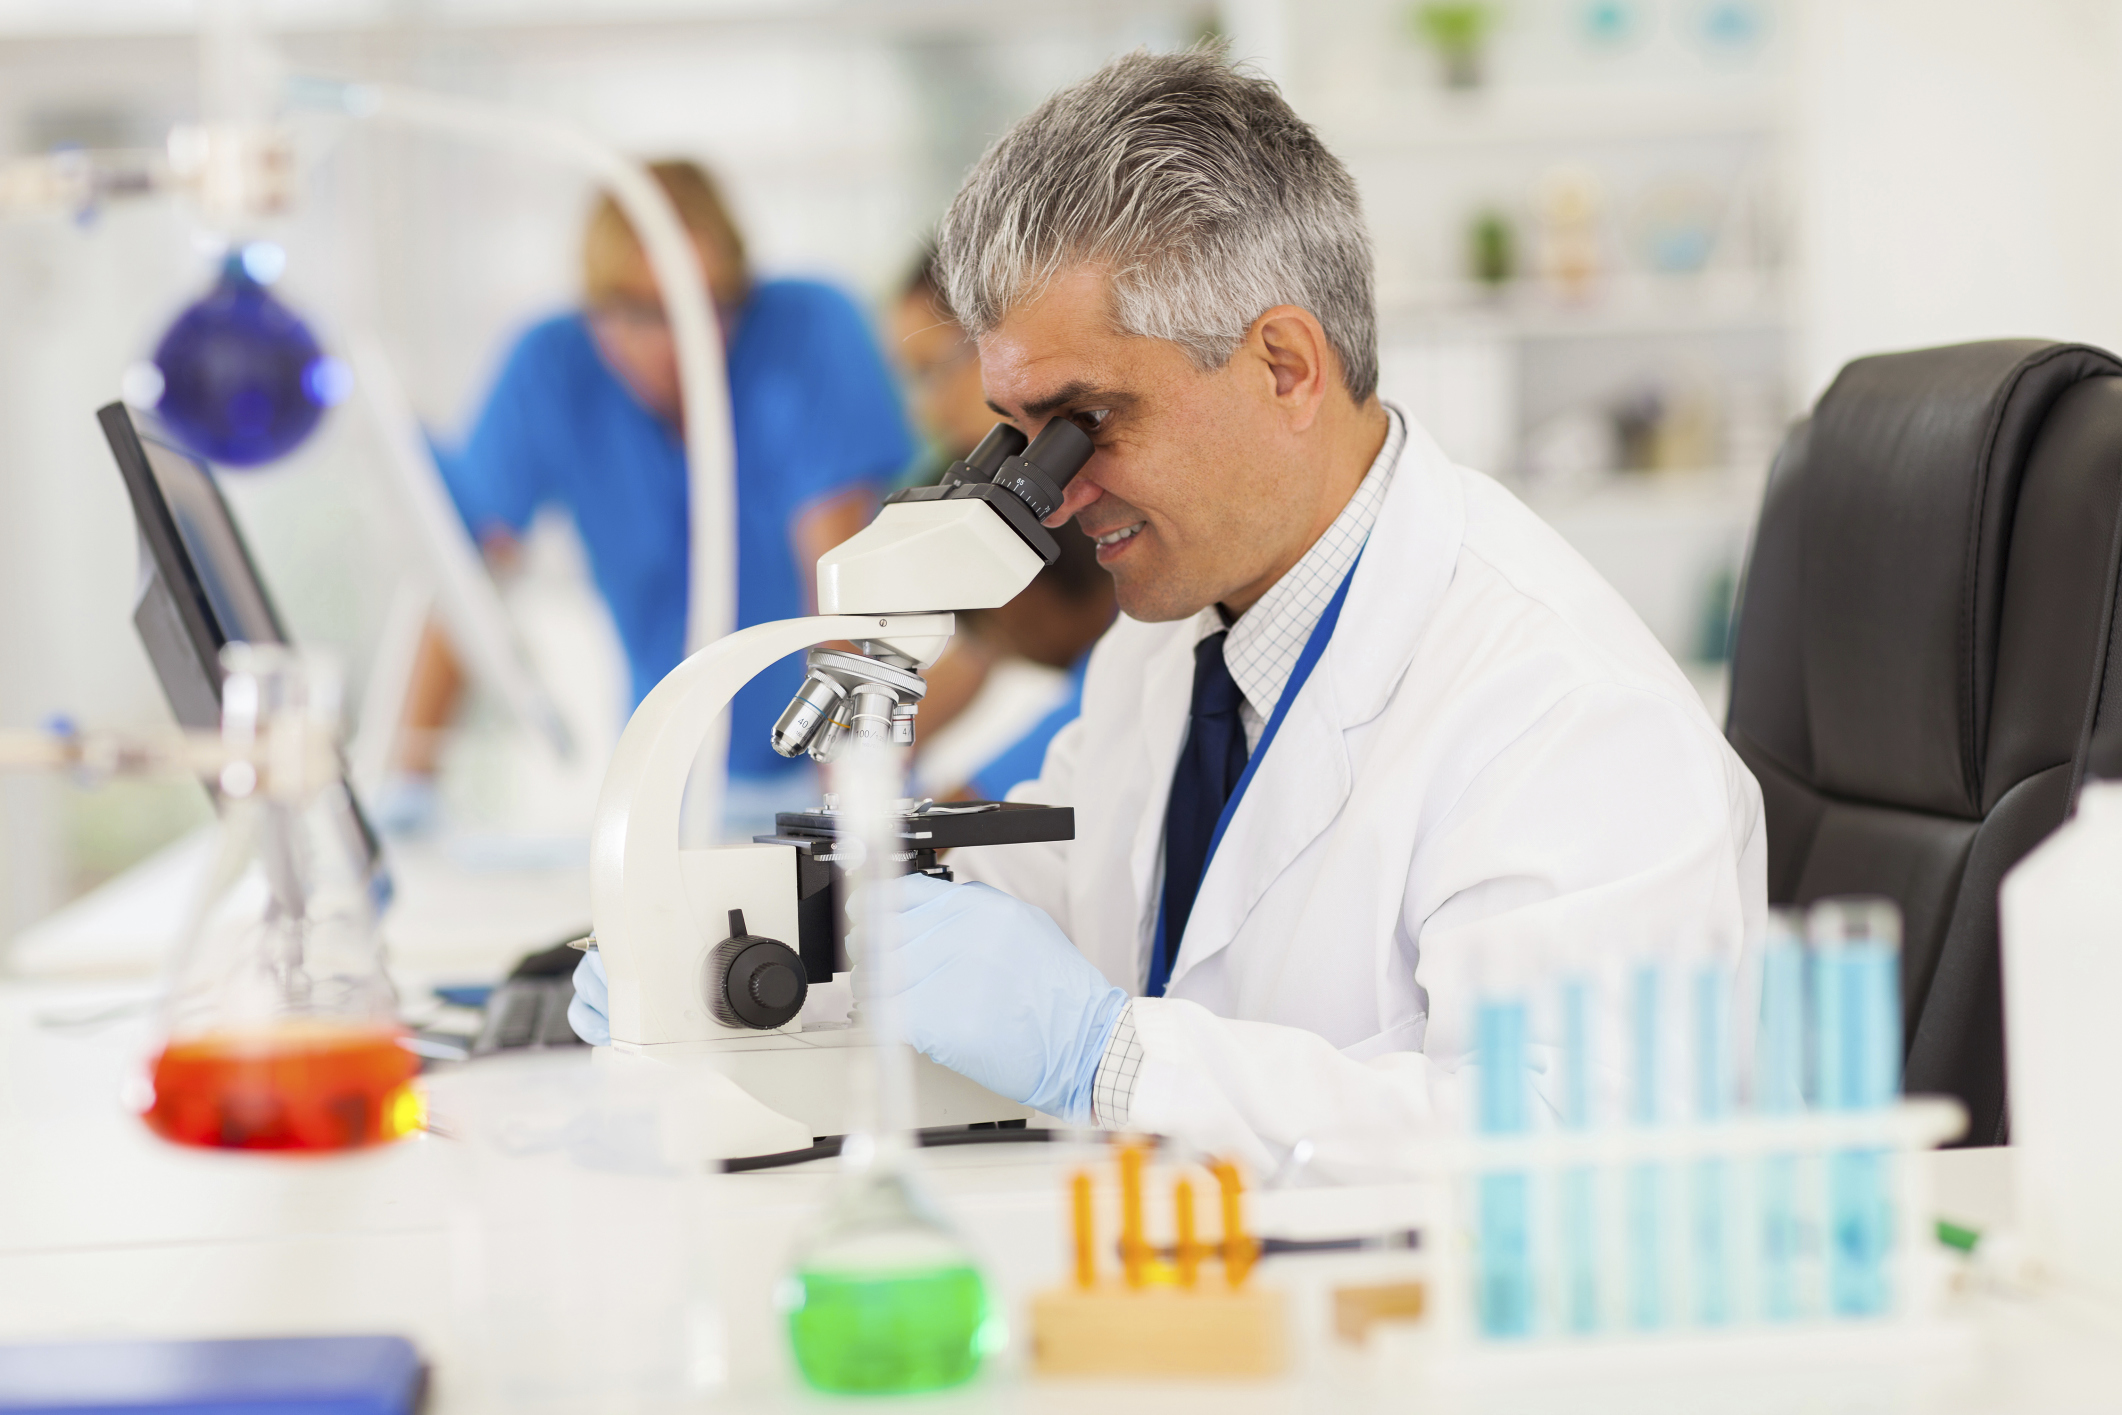 pharmaceutical research job description